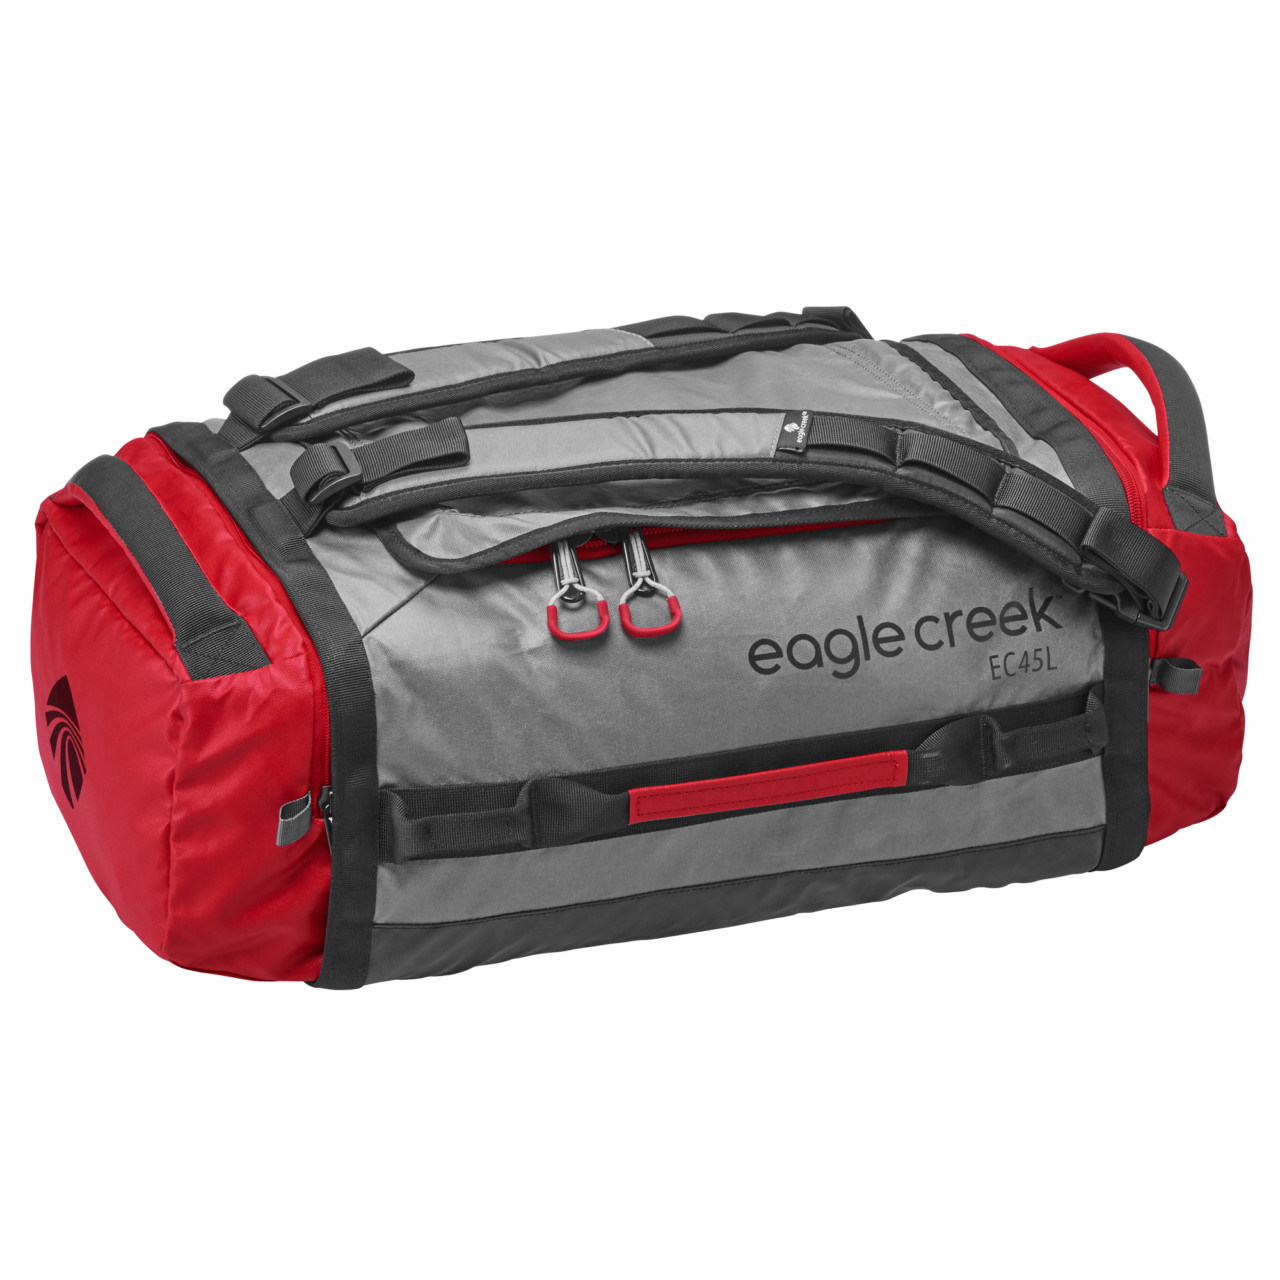 Ultralight waterproof duffel reistas, 45L